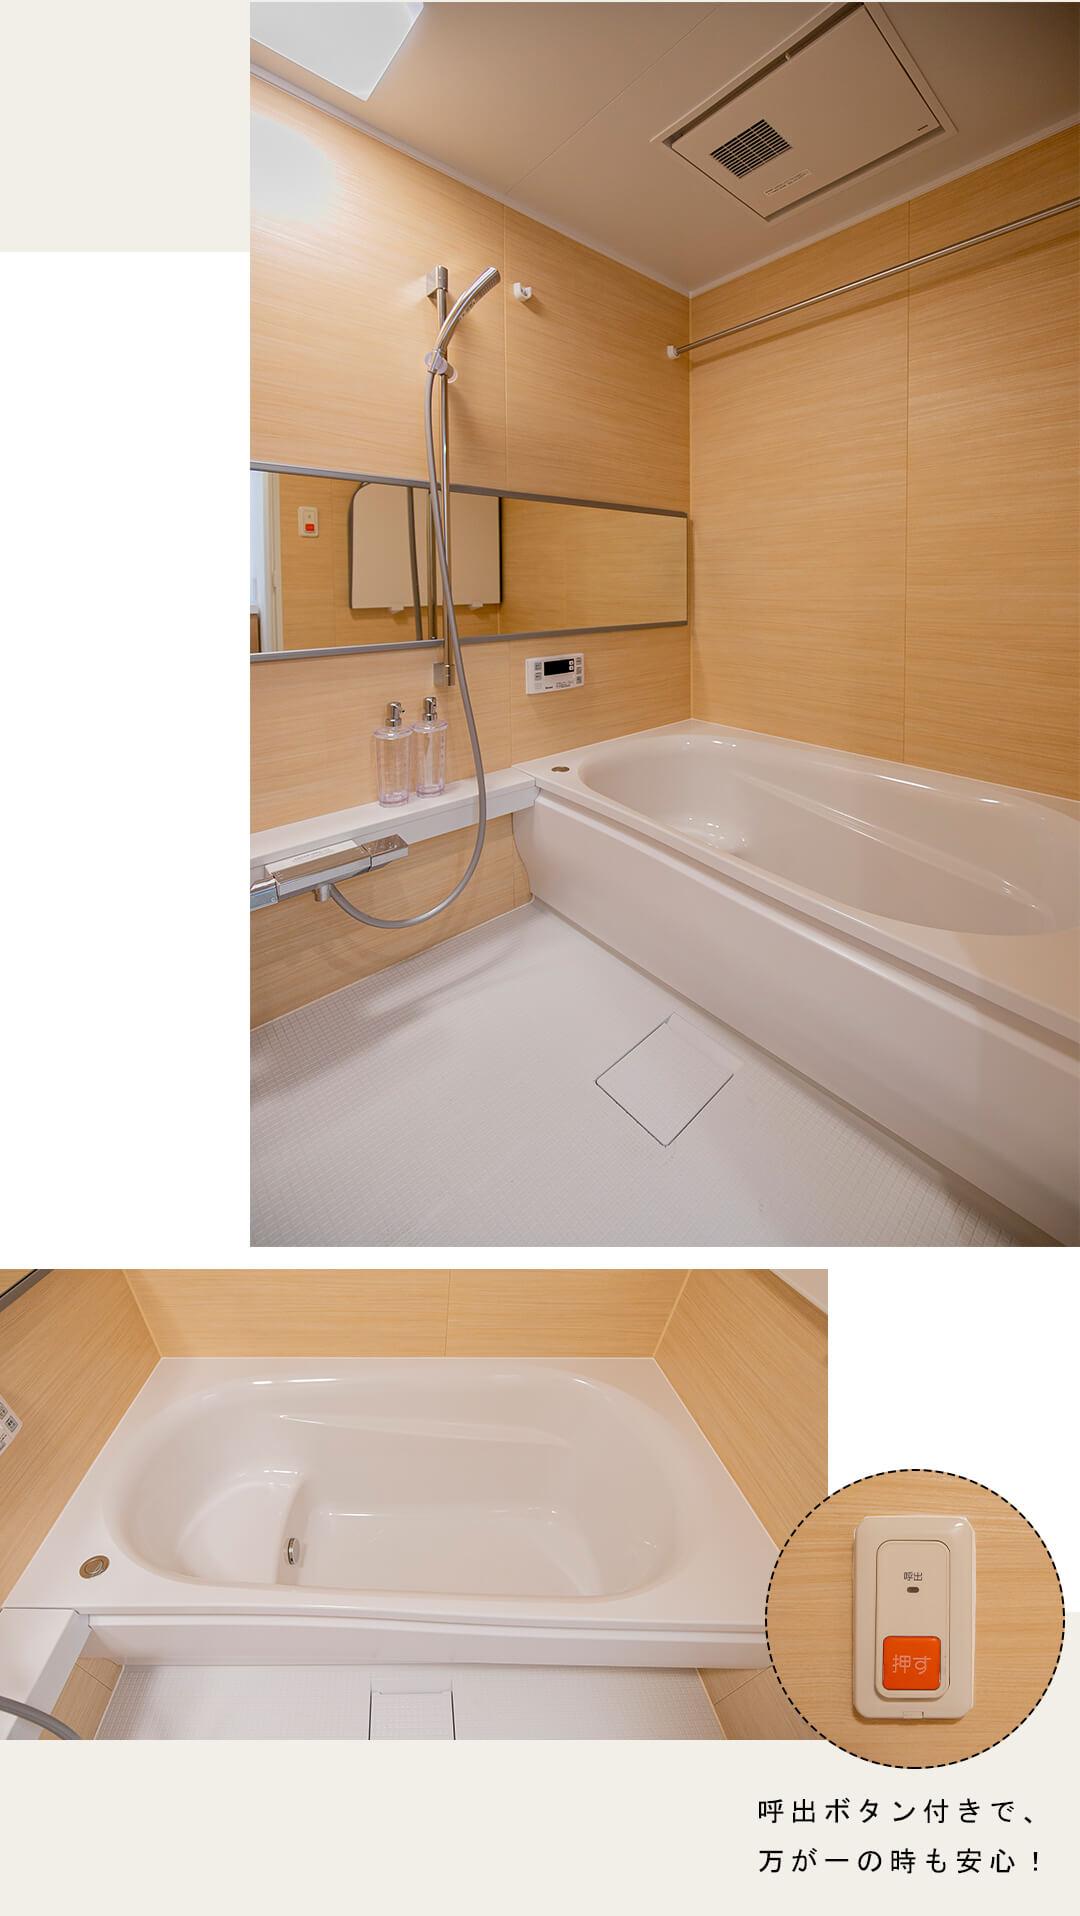 アルス代々木参宮橋コート・アデリオンの浴室